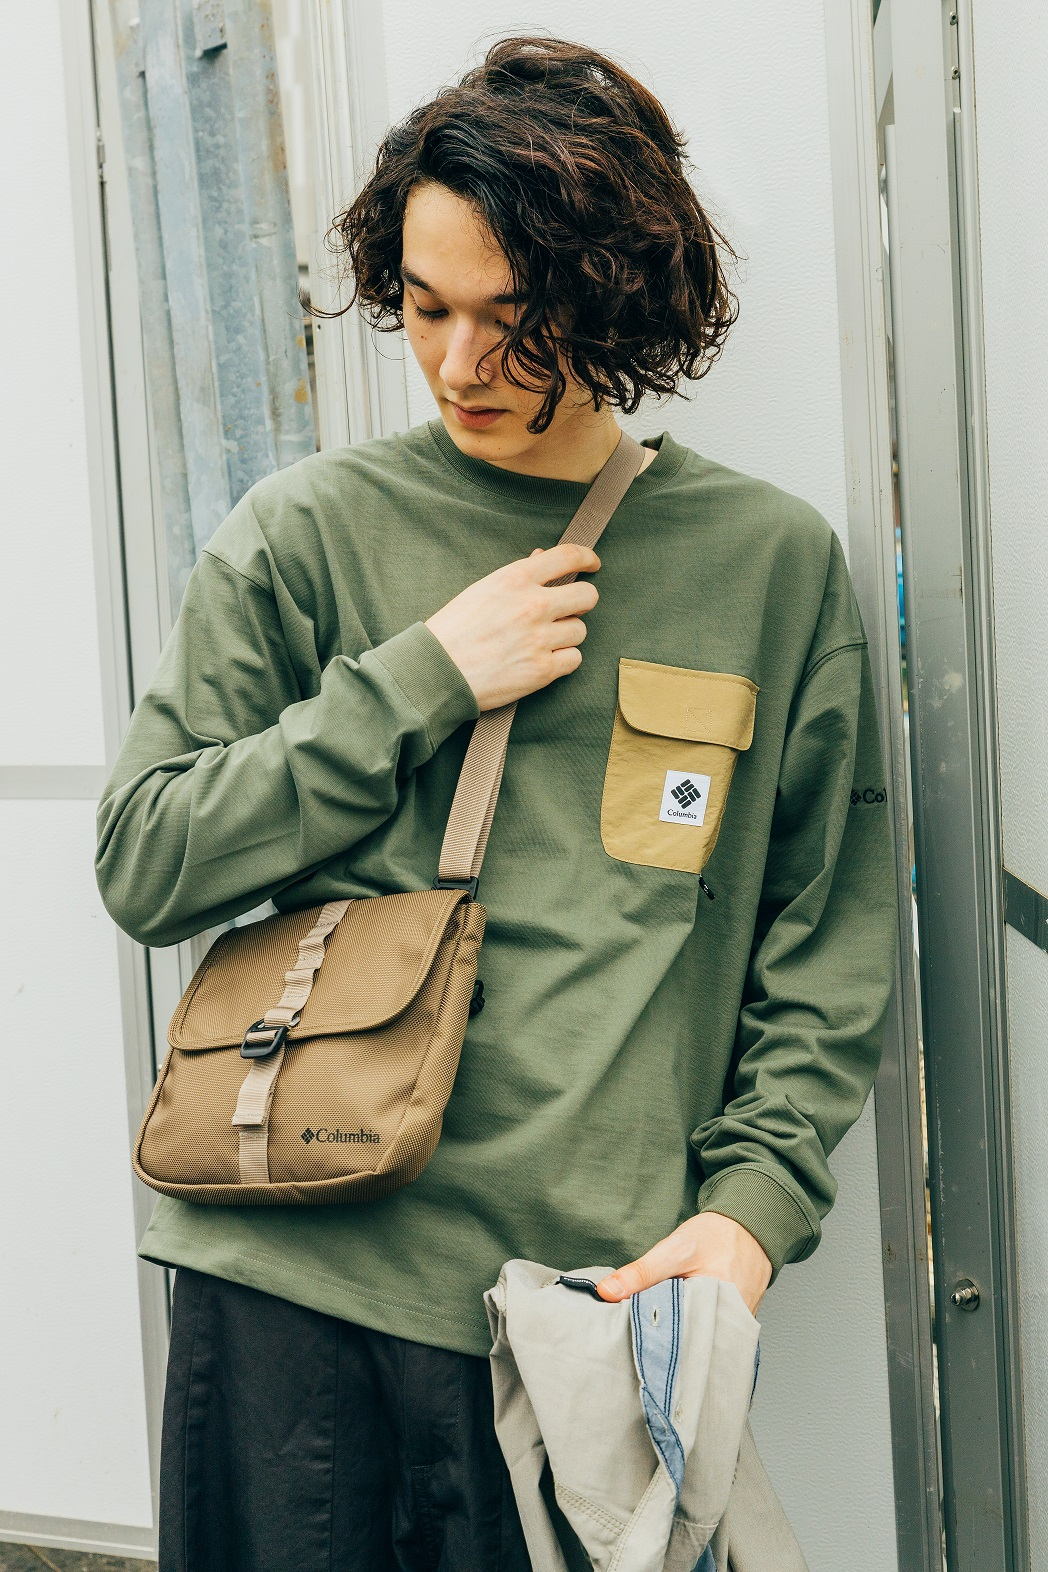 ライフスタイル店舗限定発売のロングスリーブTシャツが登場 Lifestyle Segment Collection 8月14日(金)発売